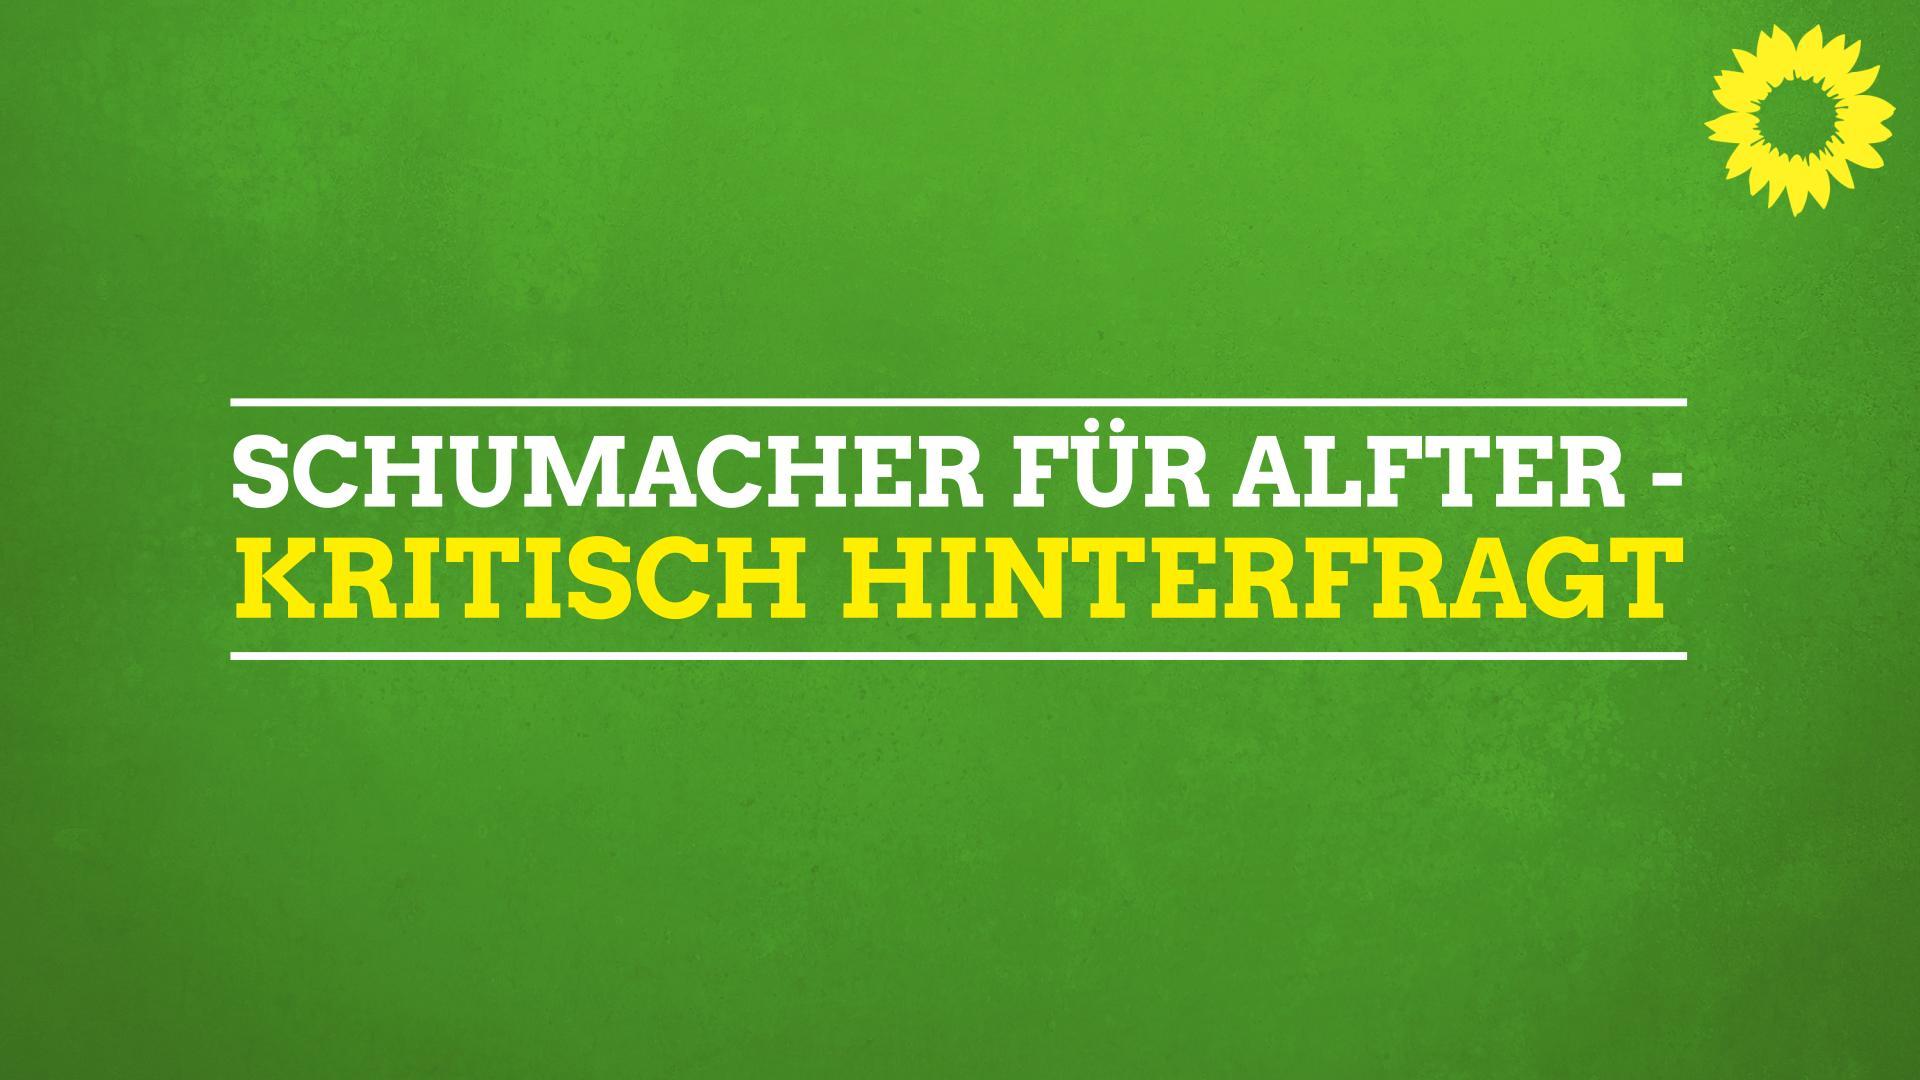 Schumacher für Alfter – kritisch hinterfragt